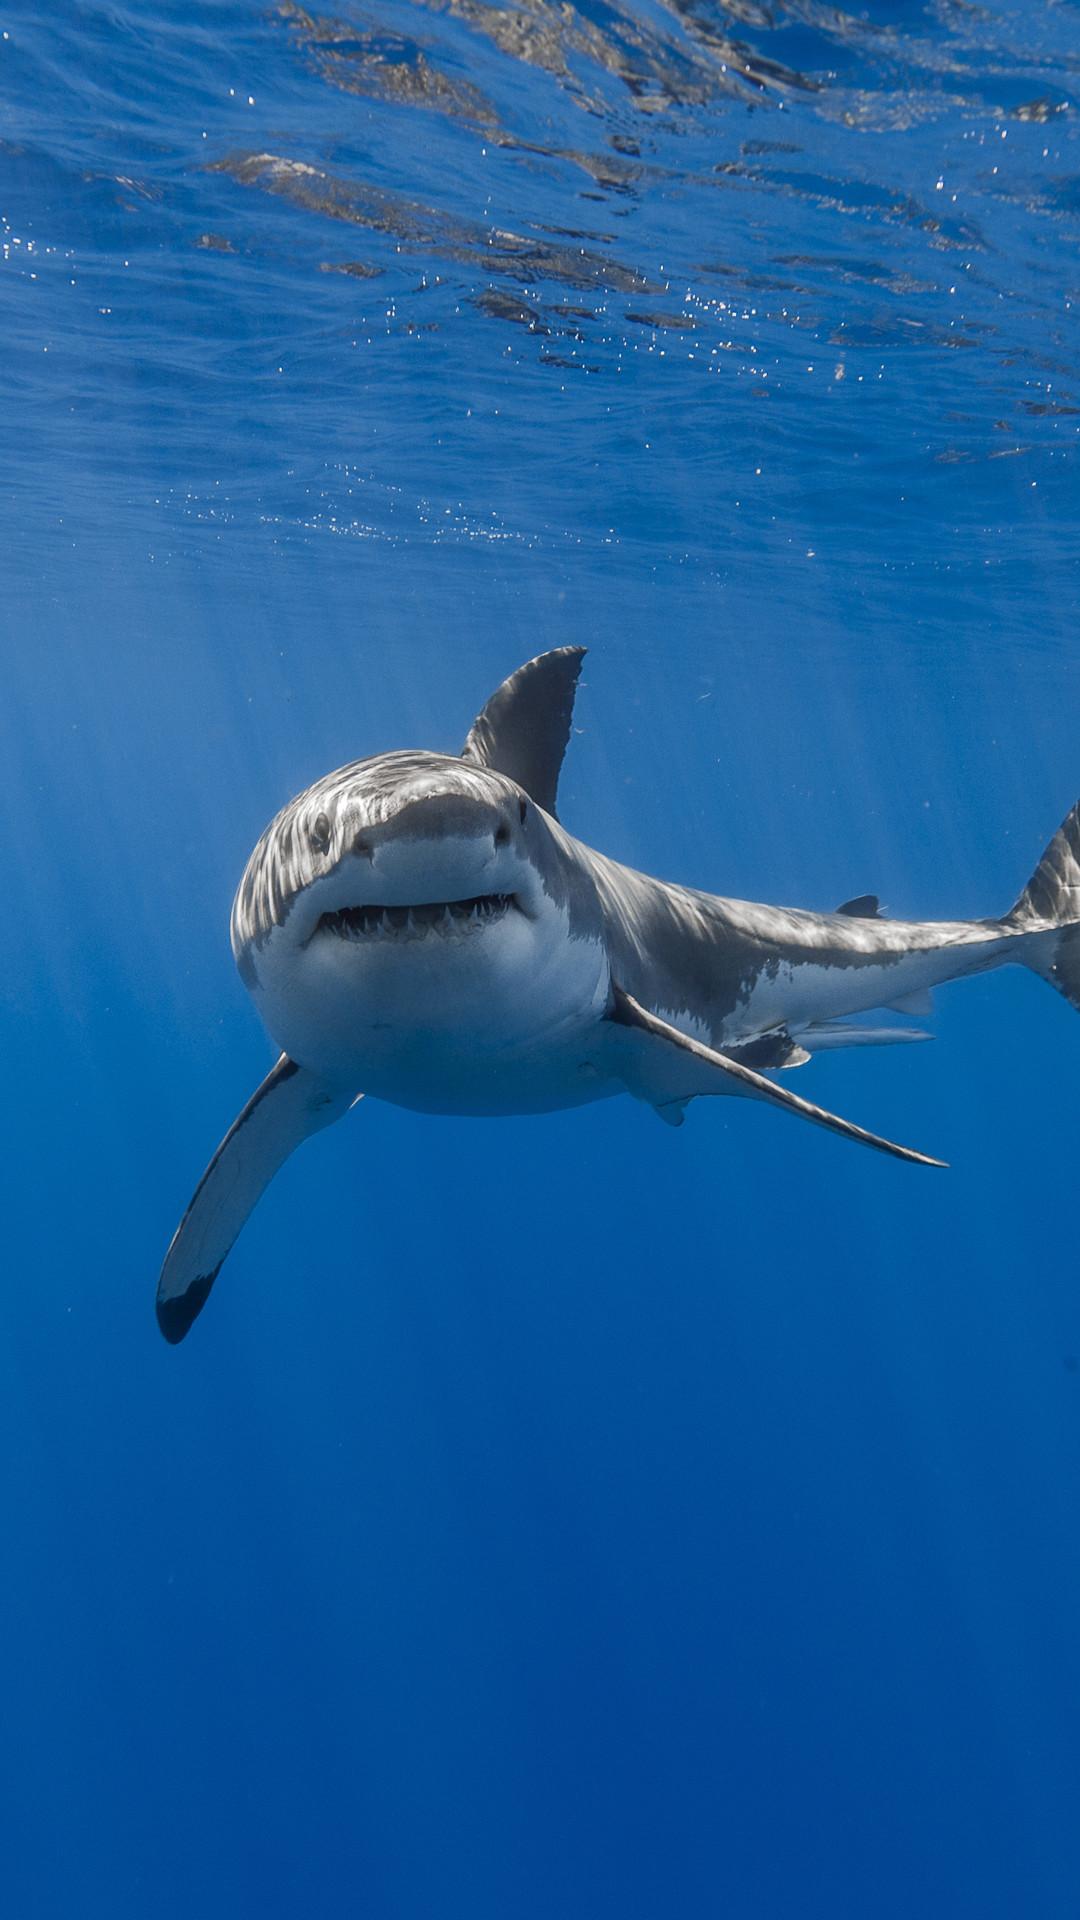 Fonds D Ecran En Direct De Requin Pour Iphone Fond D Ecran Iphone De Requin 1080x1920 Wallpapertip